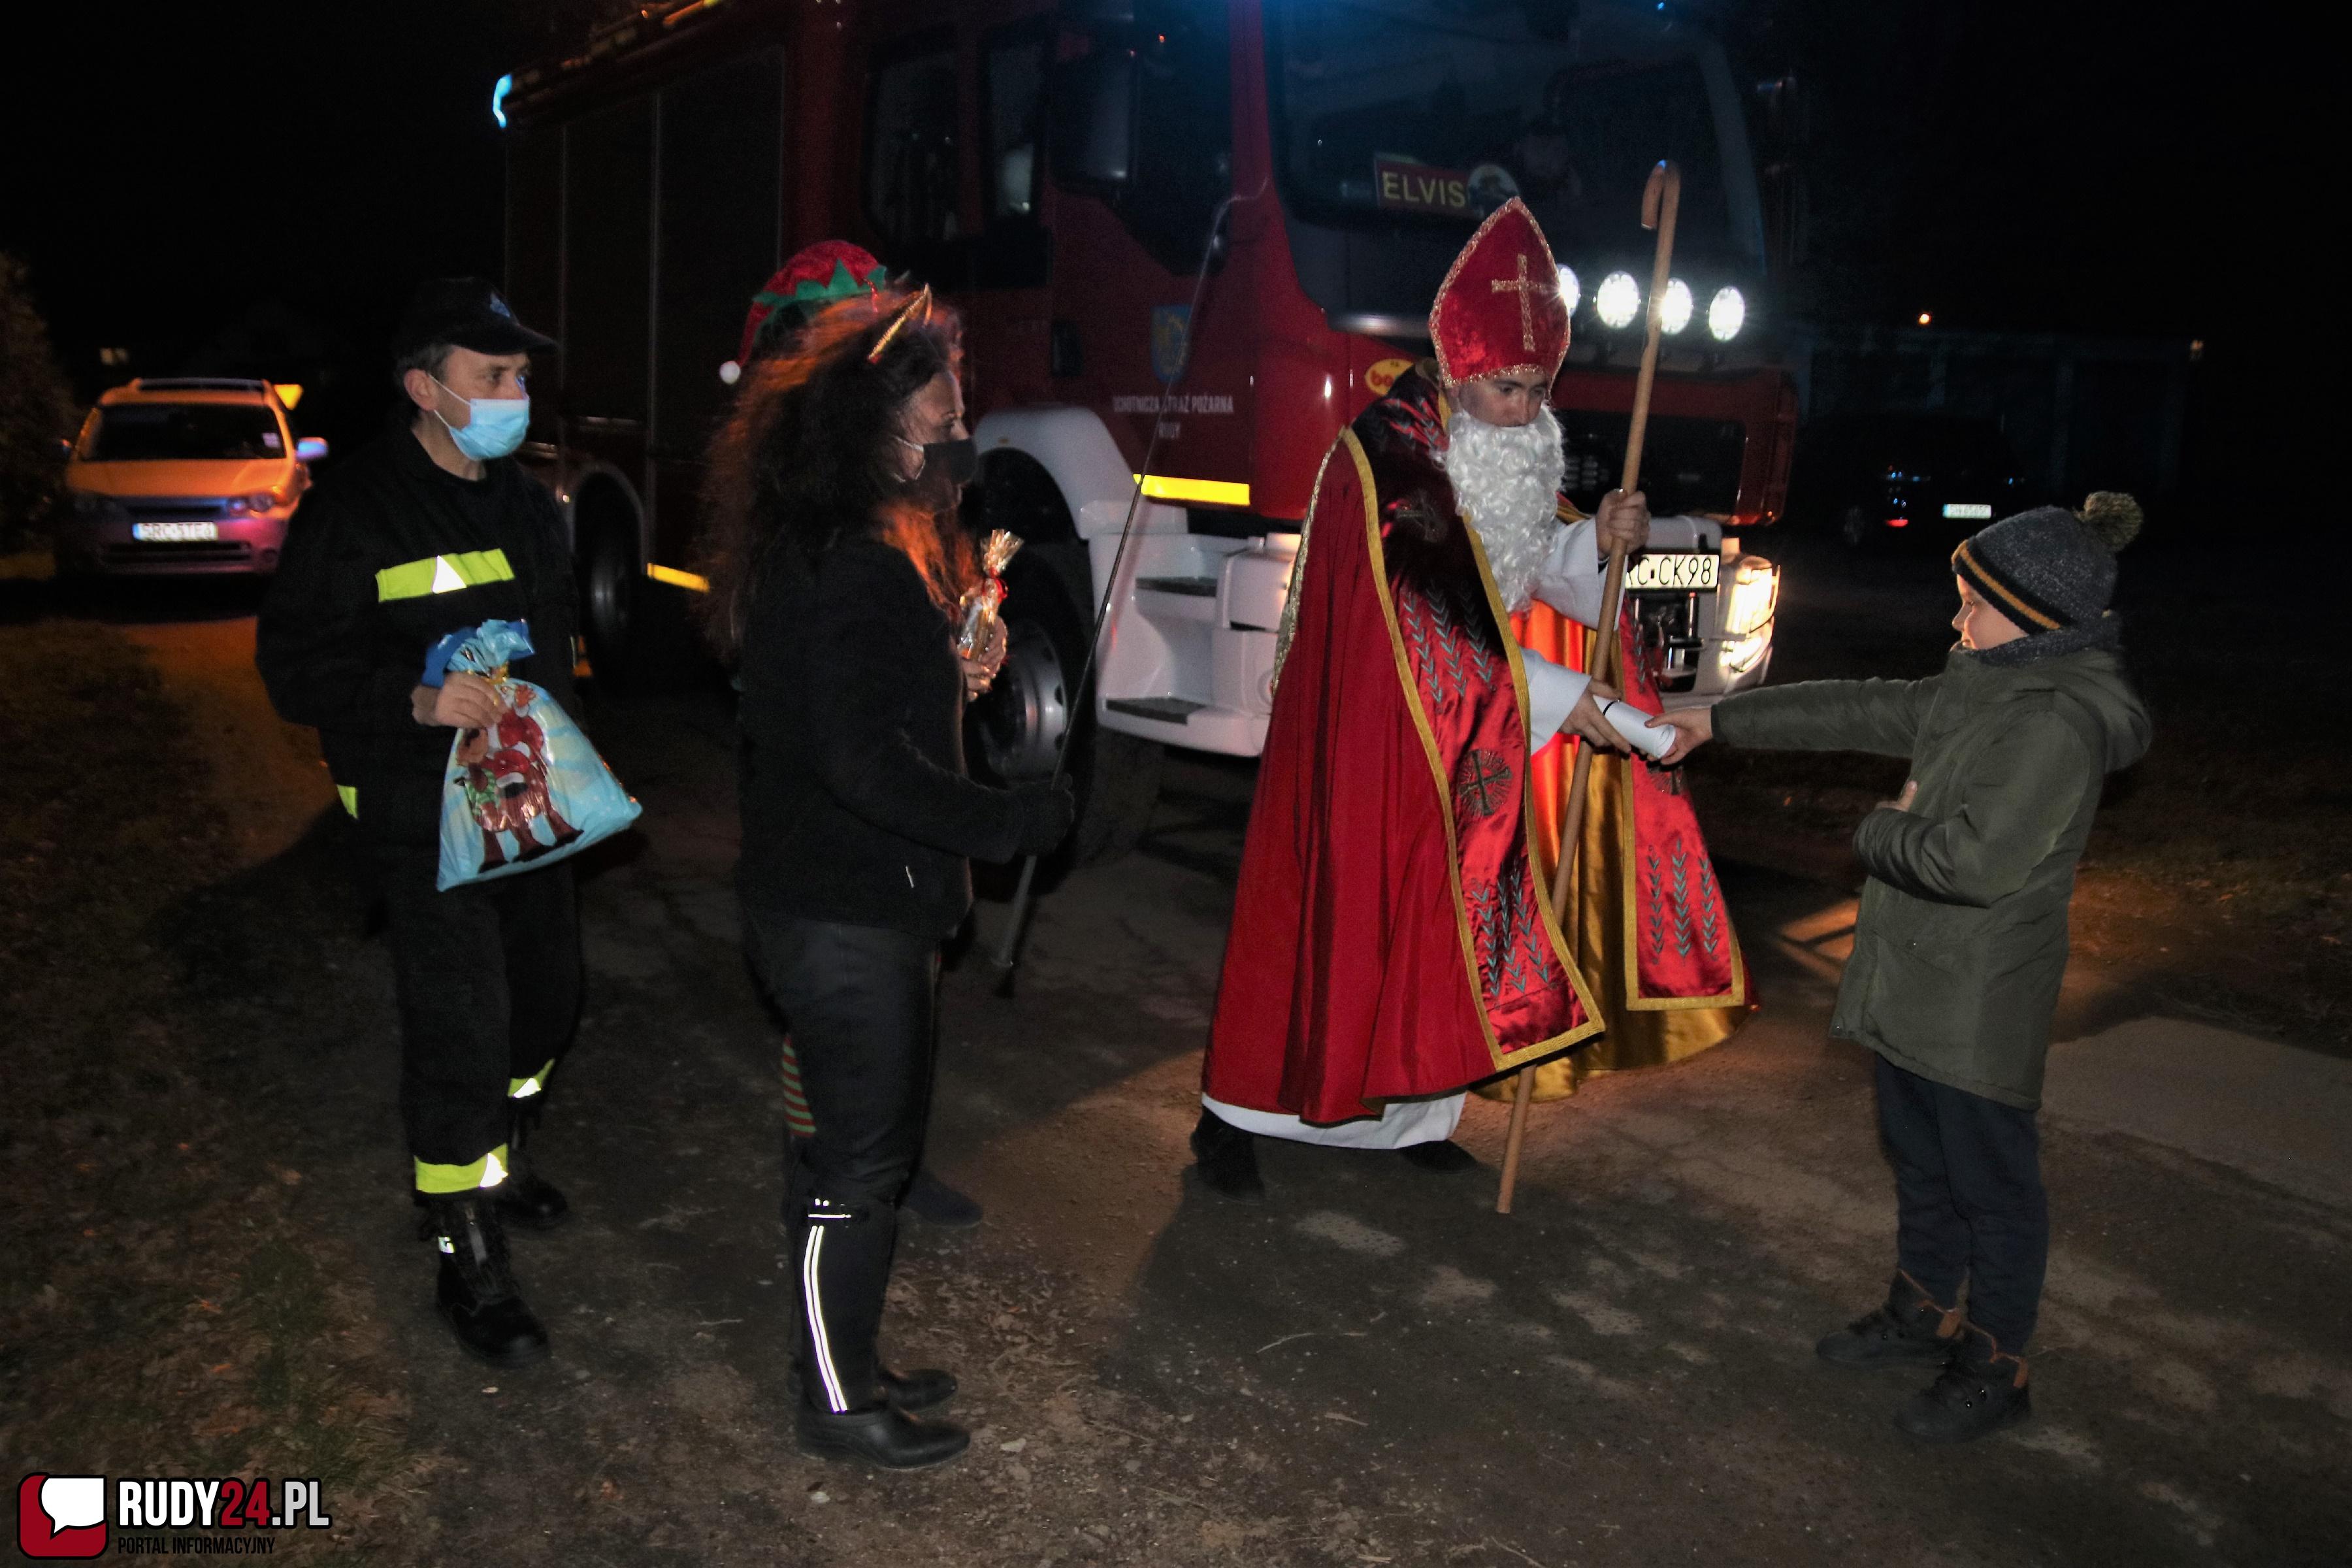 Św. Mikołaj odwiedził dzieci z Rud przy pomocy strażaków z OSP RUDY